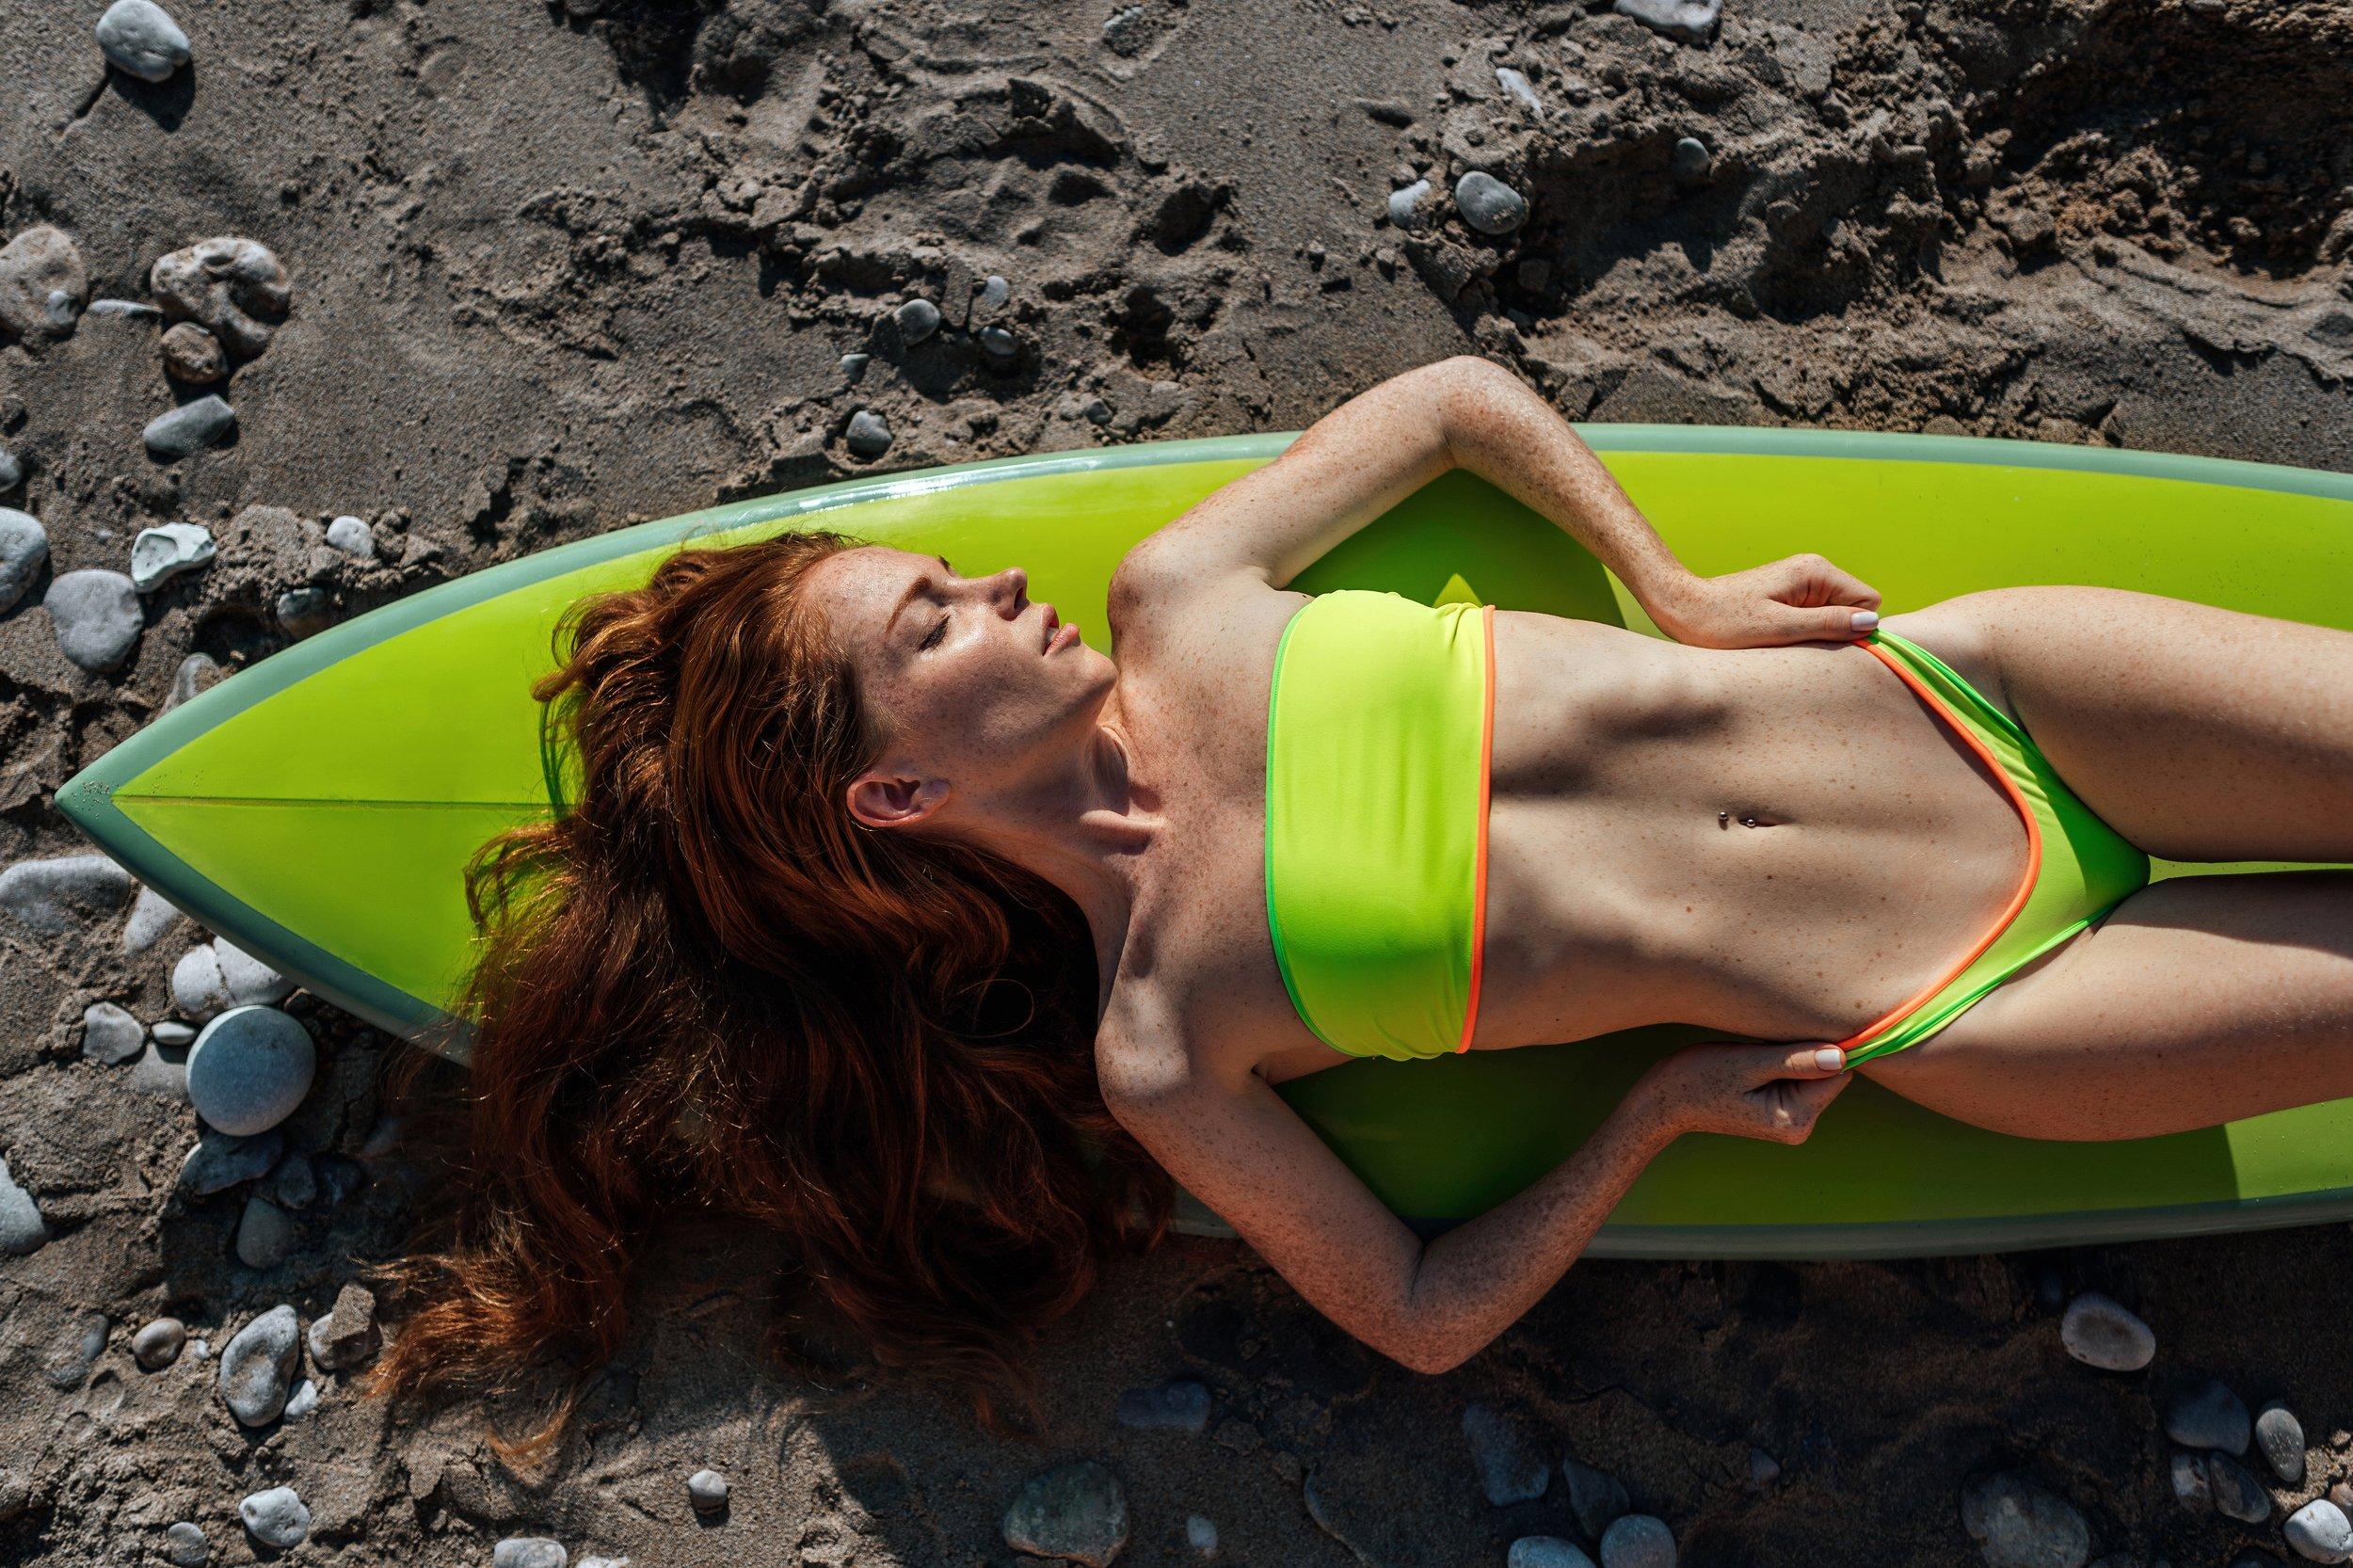 девушка, серфинг, доска для серфинга, зеленый, купальник, пляж, море, лето, 35mm, sony, sigma, body, fashion, horizontal, Новиков Николай